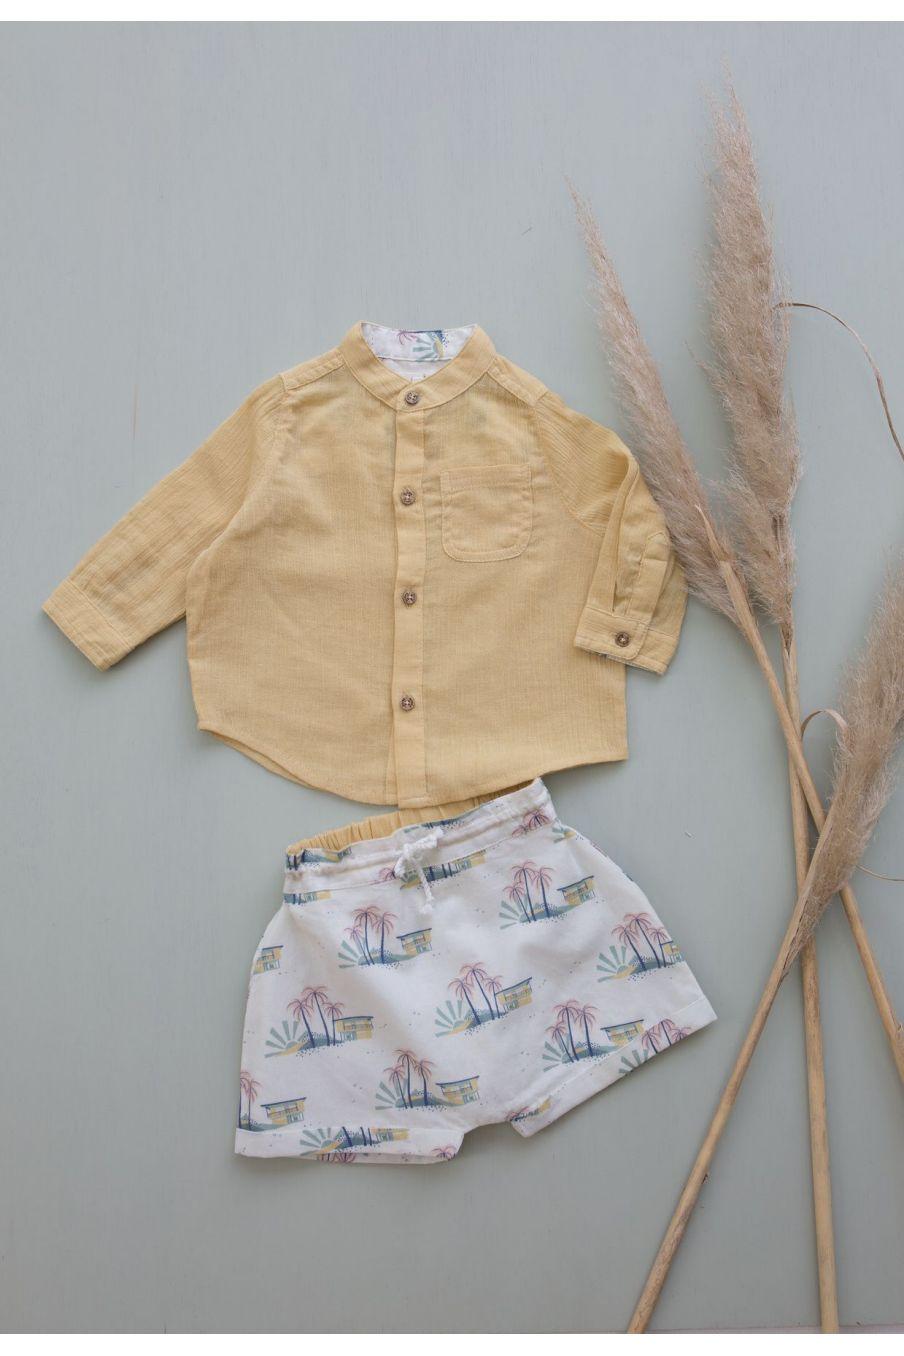 boheme chic vintage chemise bébé garcon amod soft honey